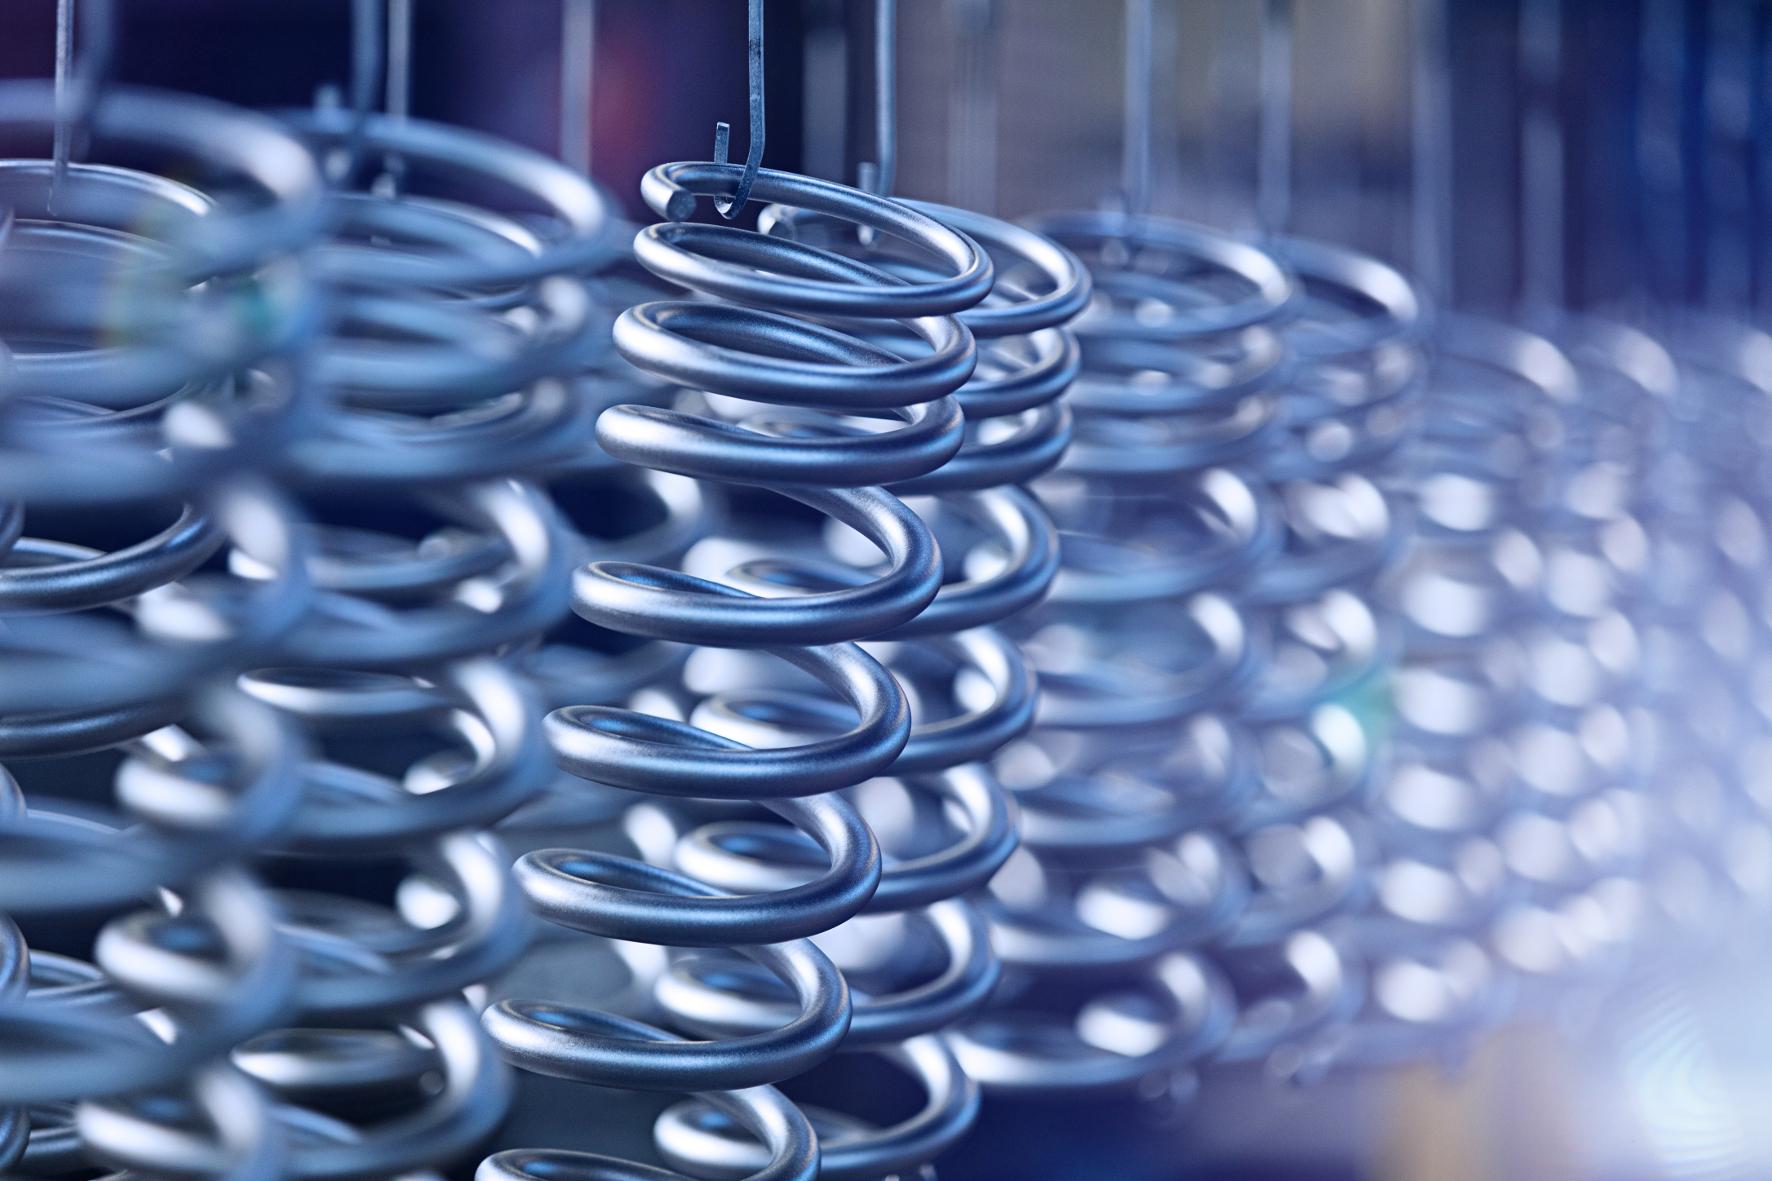 Dokumentation der Produkte im Produktionsprozess im Werk Hagen